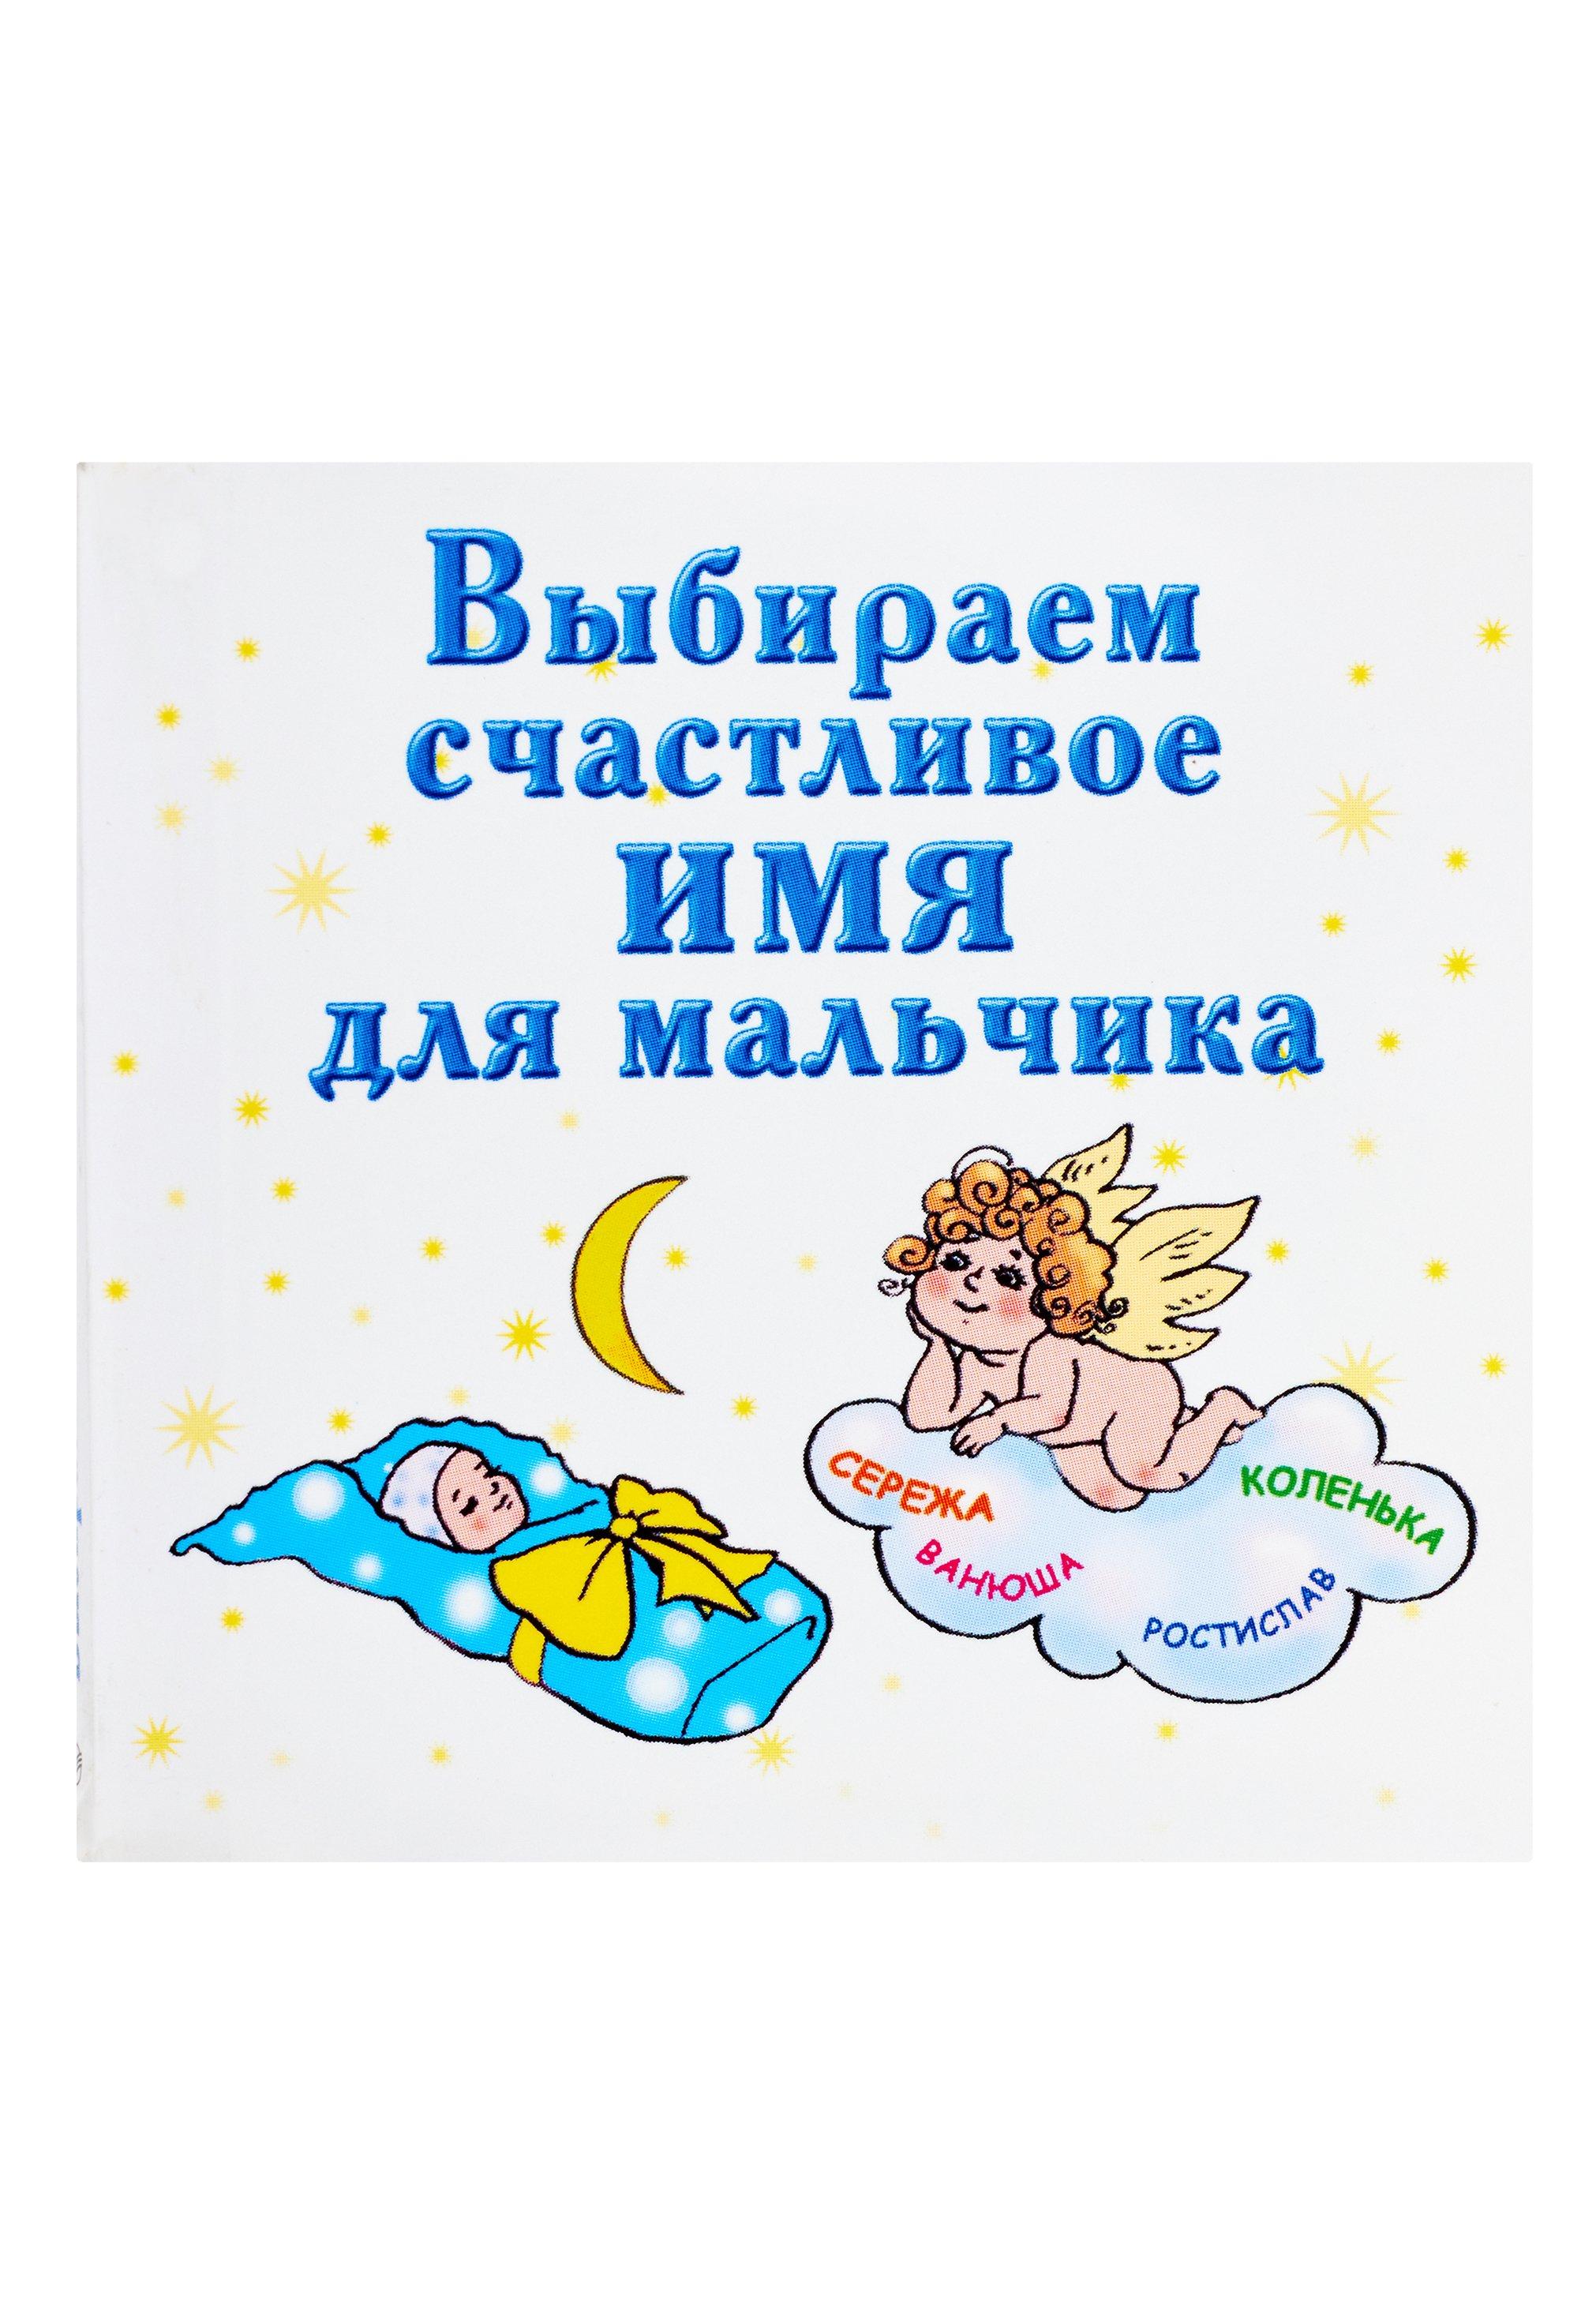 Филиппова И. В. Выбираем счастливое имя для мальчика филиппова ирина владимировна выбираем счастливое имя малышу